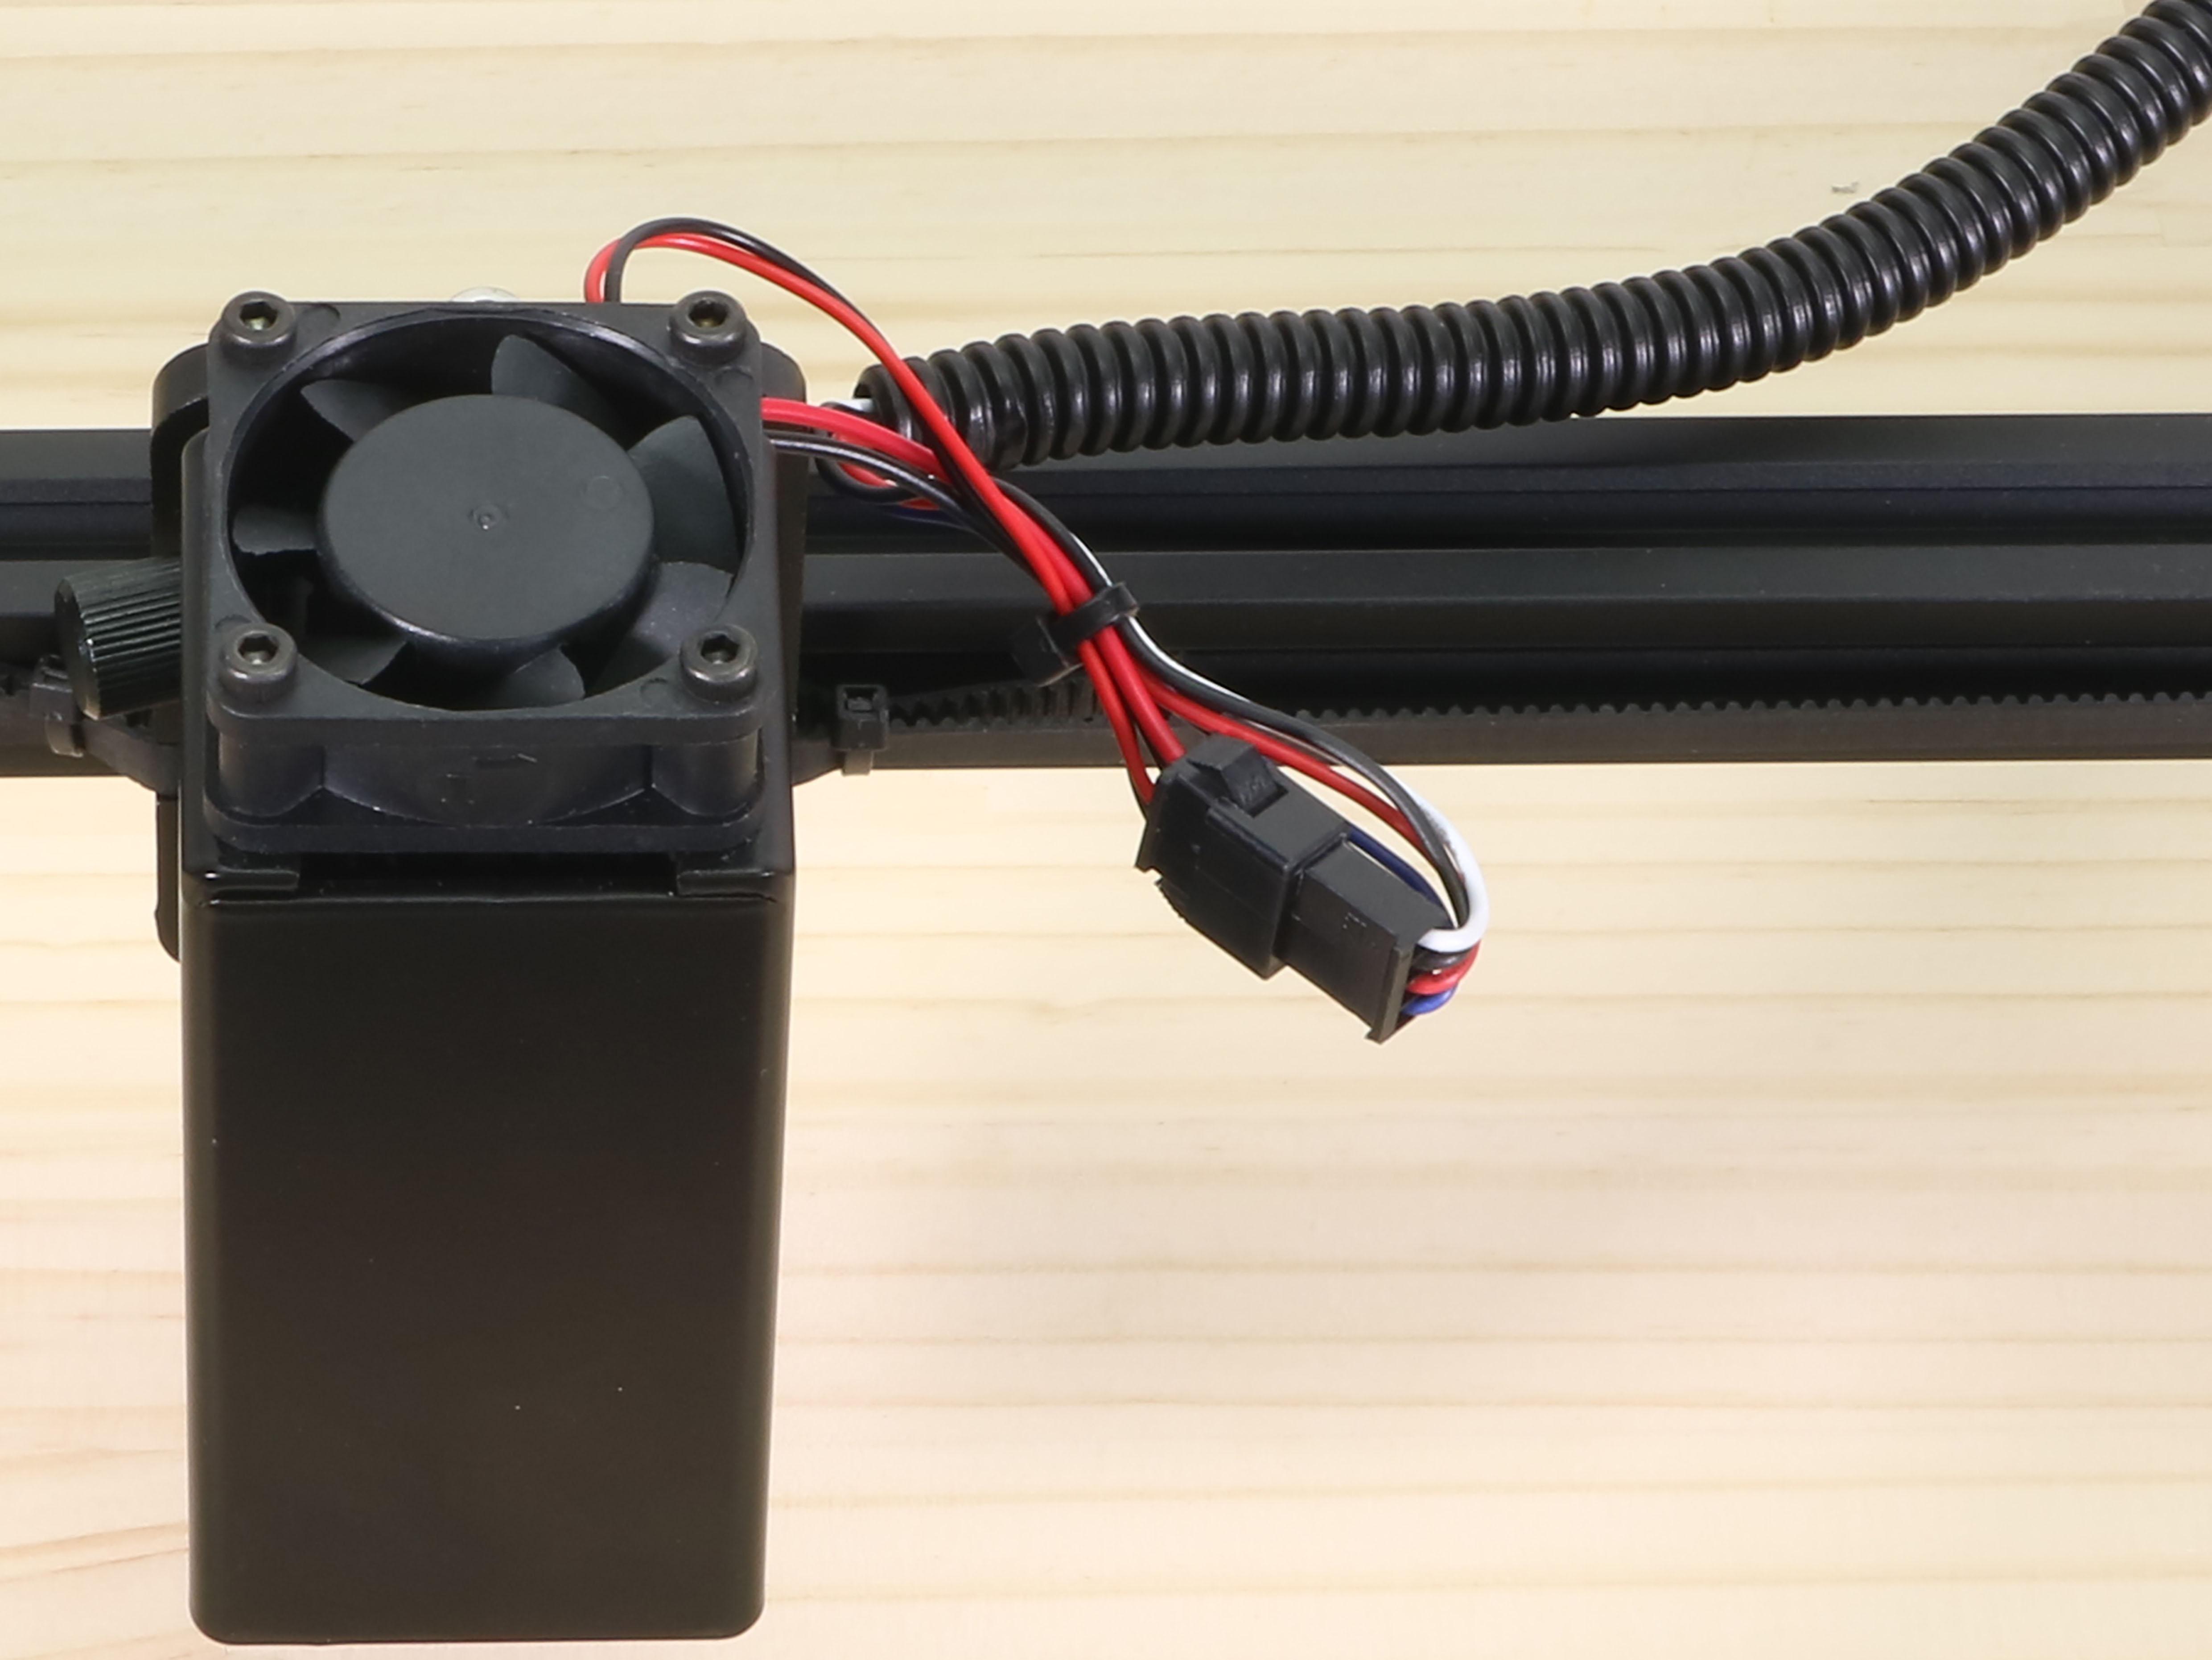 Laserケーブルとレーザーユニット接続